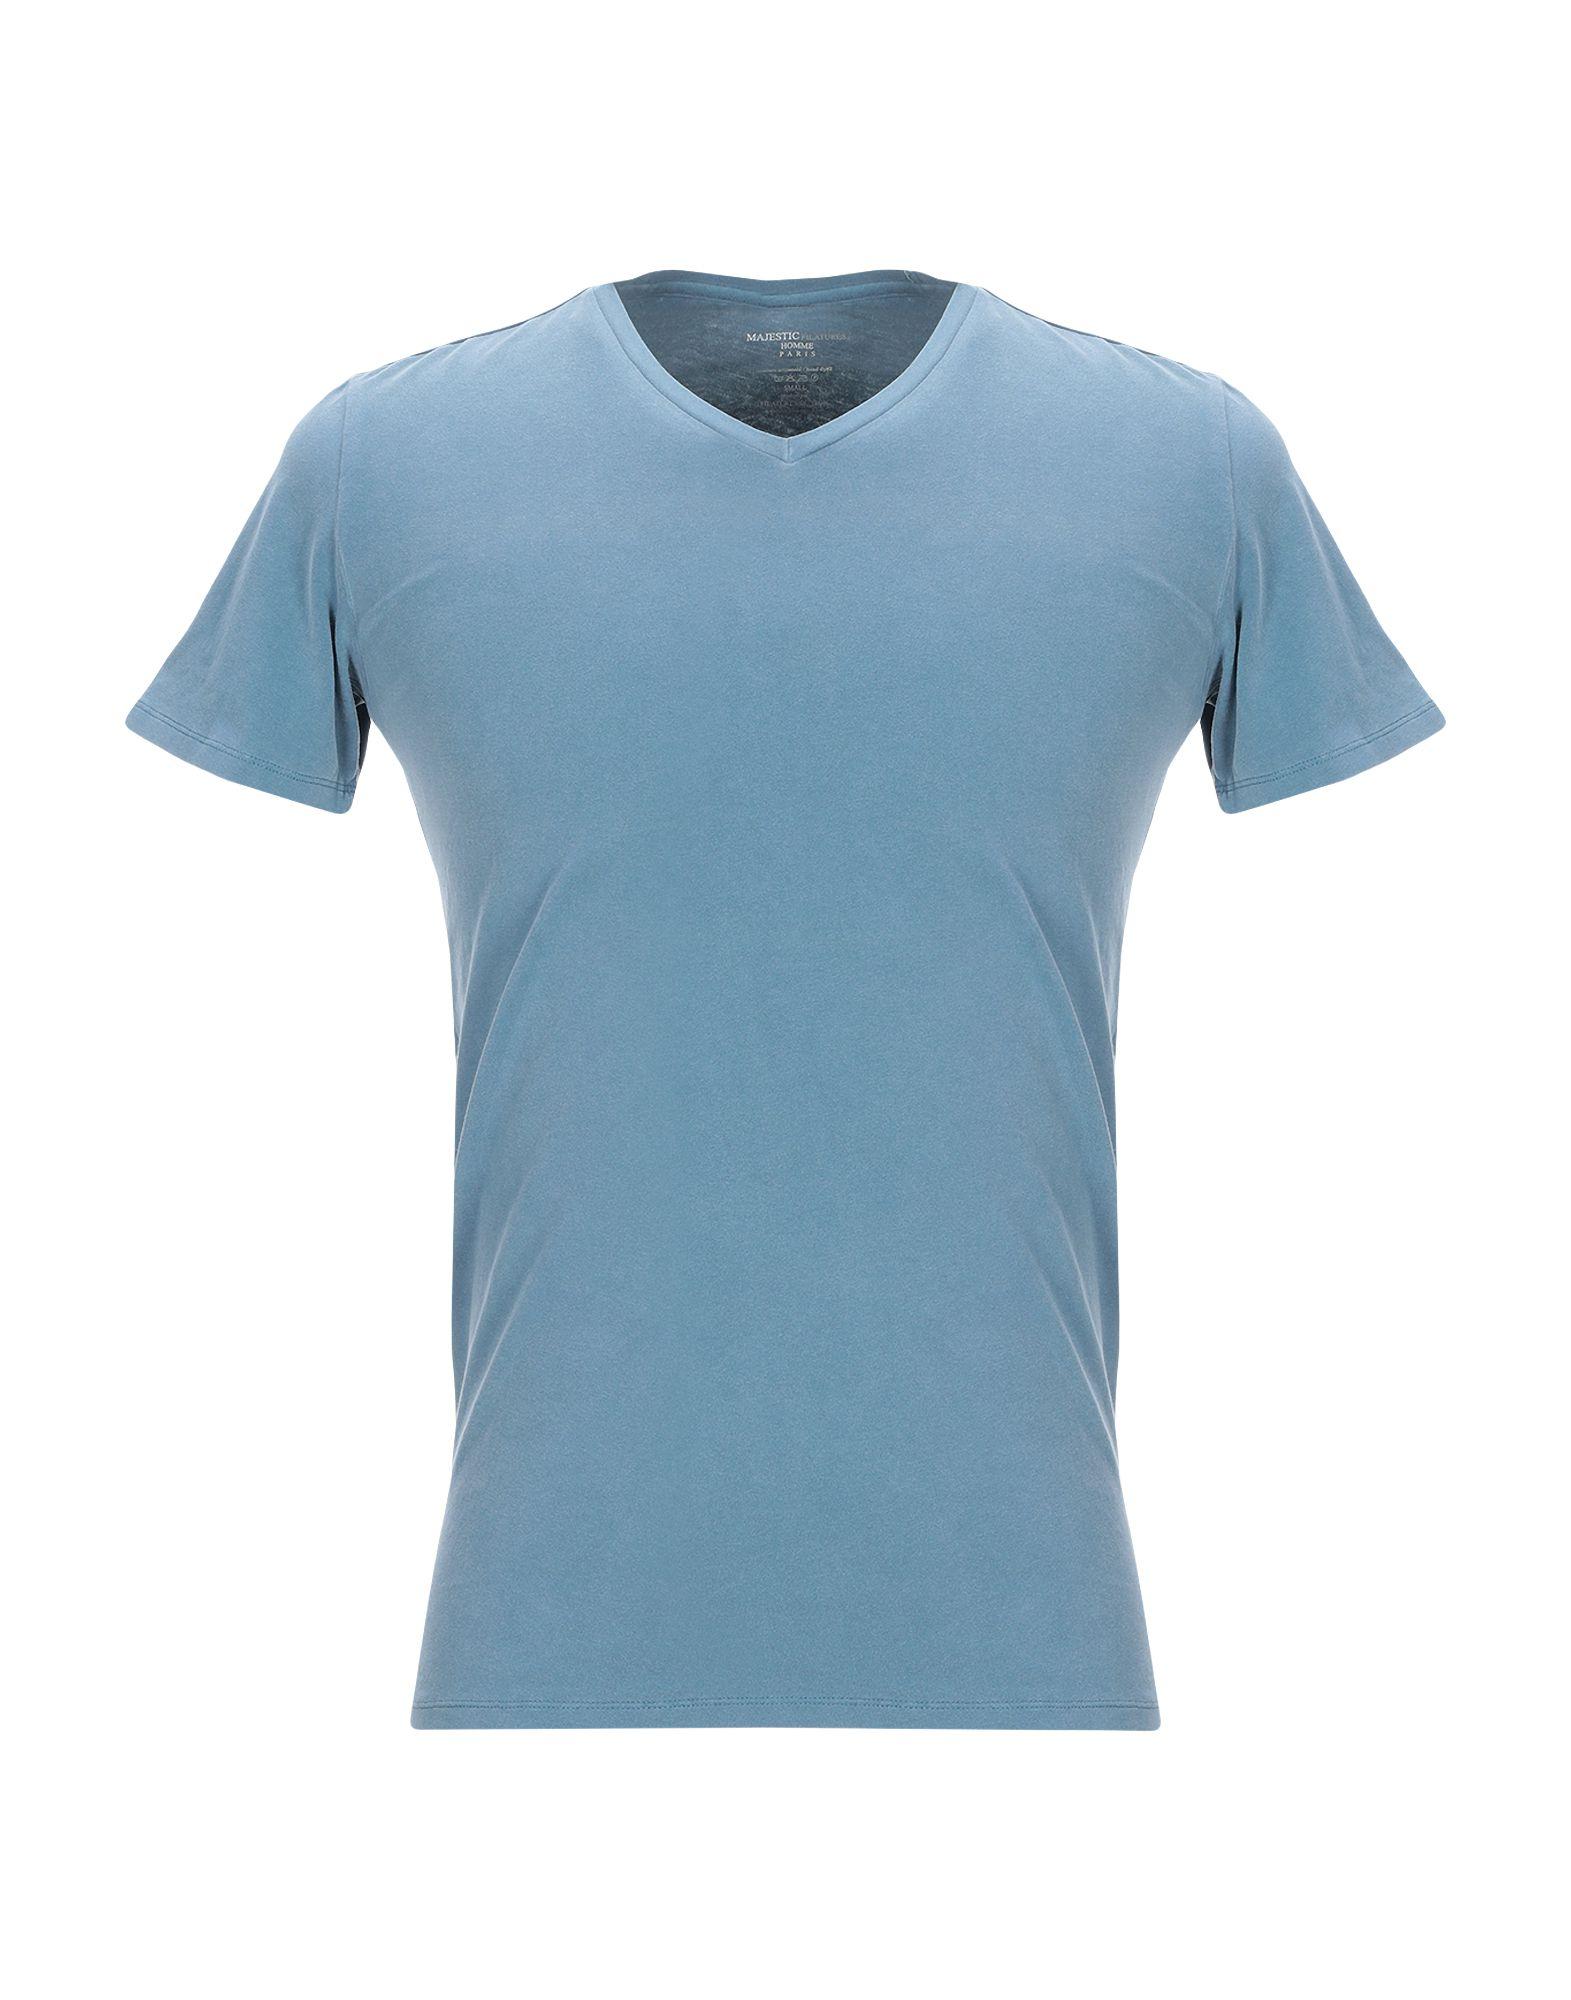 《期間限定セール開催中!》MAJESTIC FILATURES メンズ T シャツ ブルーグレー S コットン 94% / ポリウレタン 6%